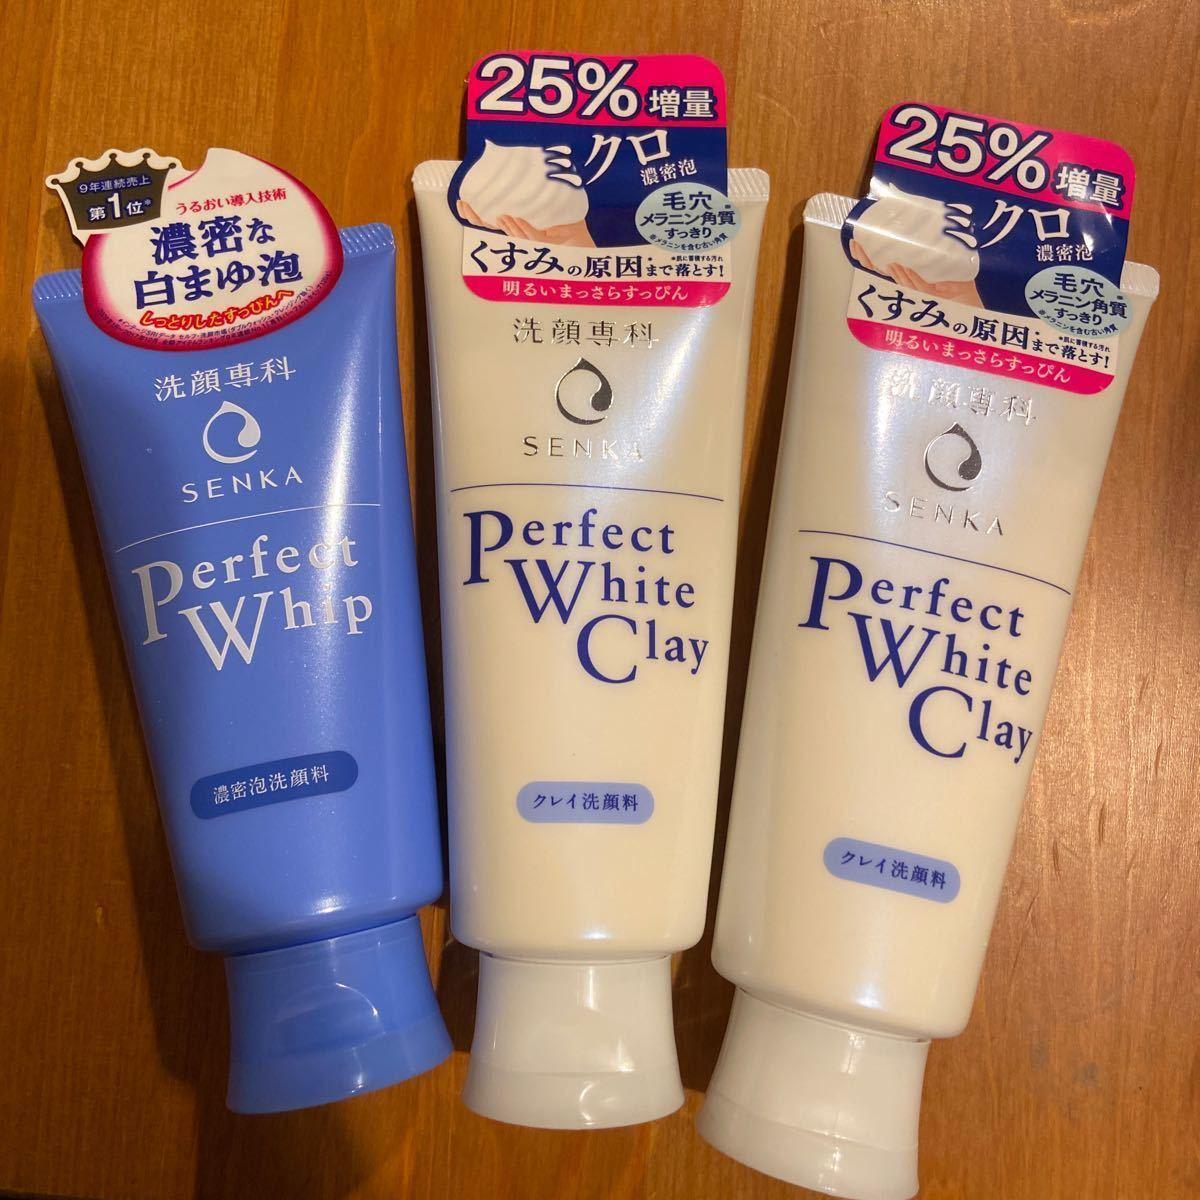 専科 クレイ 洗顔 パーフェクト ホワイト